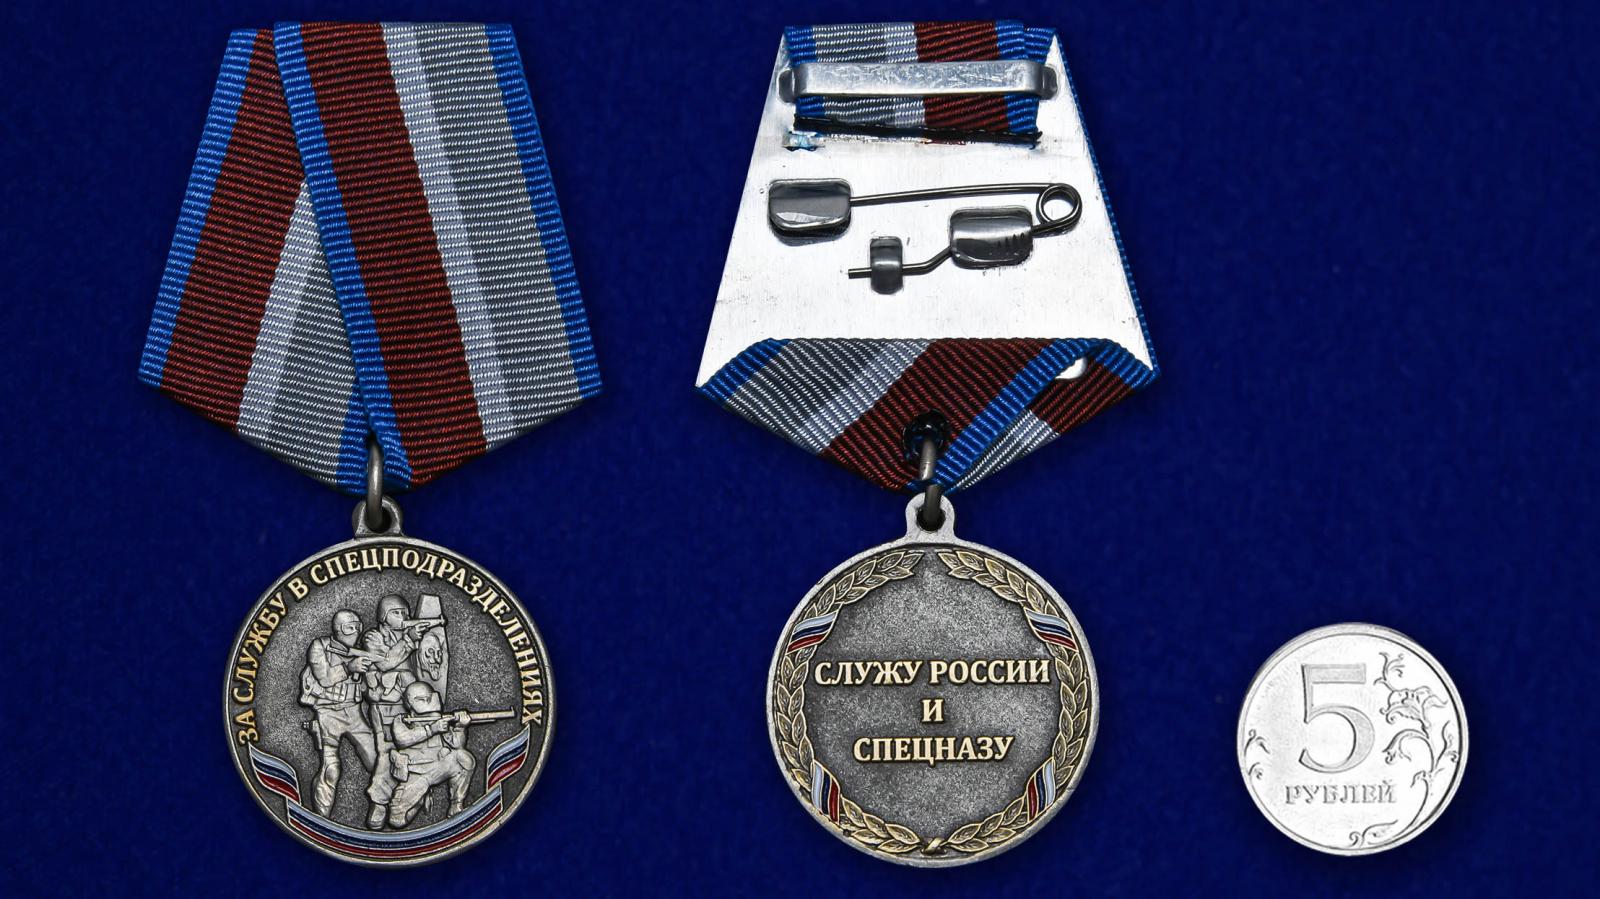 Общественная медаль За службу в спецподразделениях - сравнительный вид